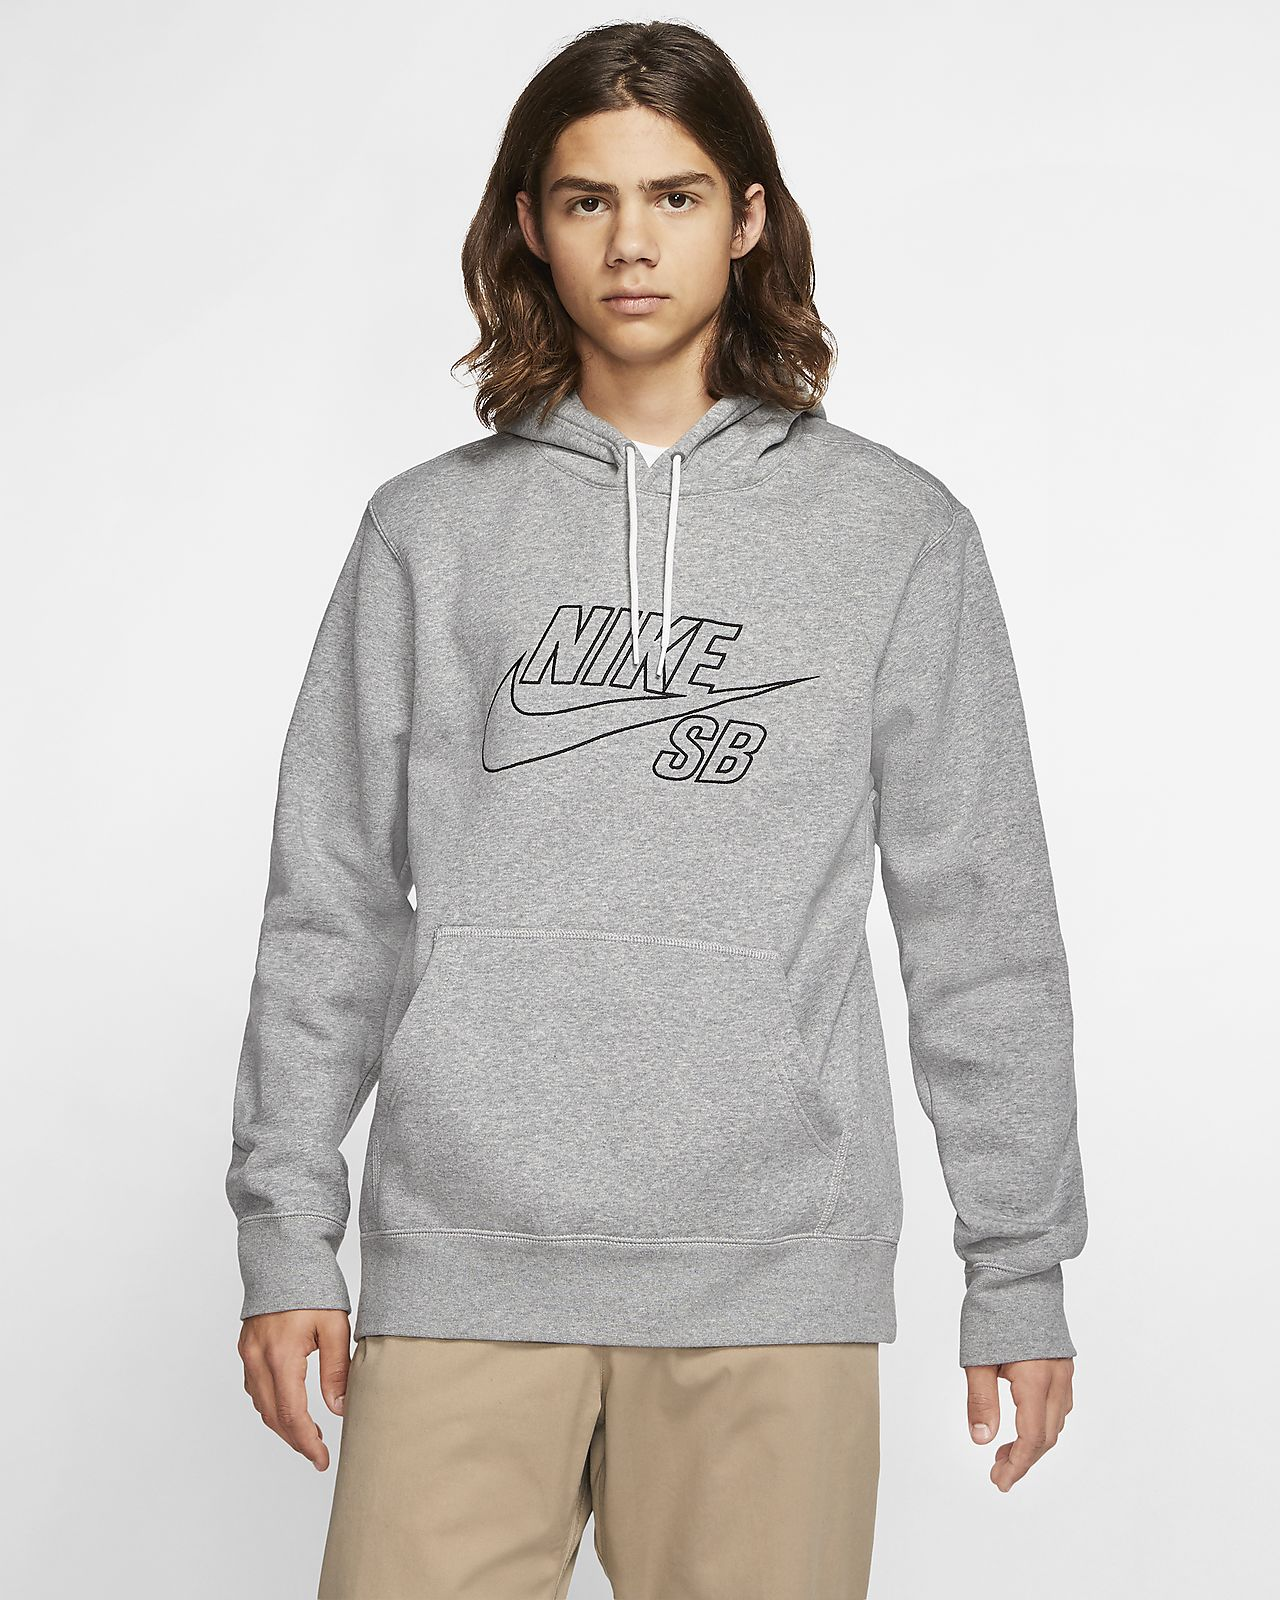 Nike SB pullover-skaterhættetrøje til mænd